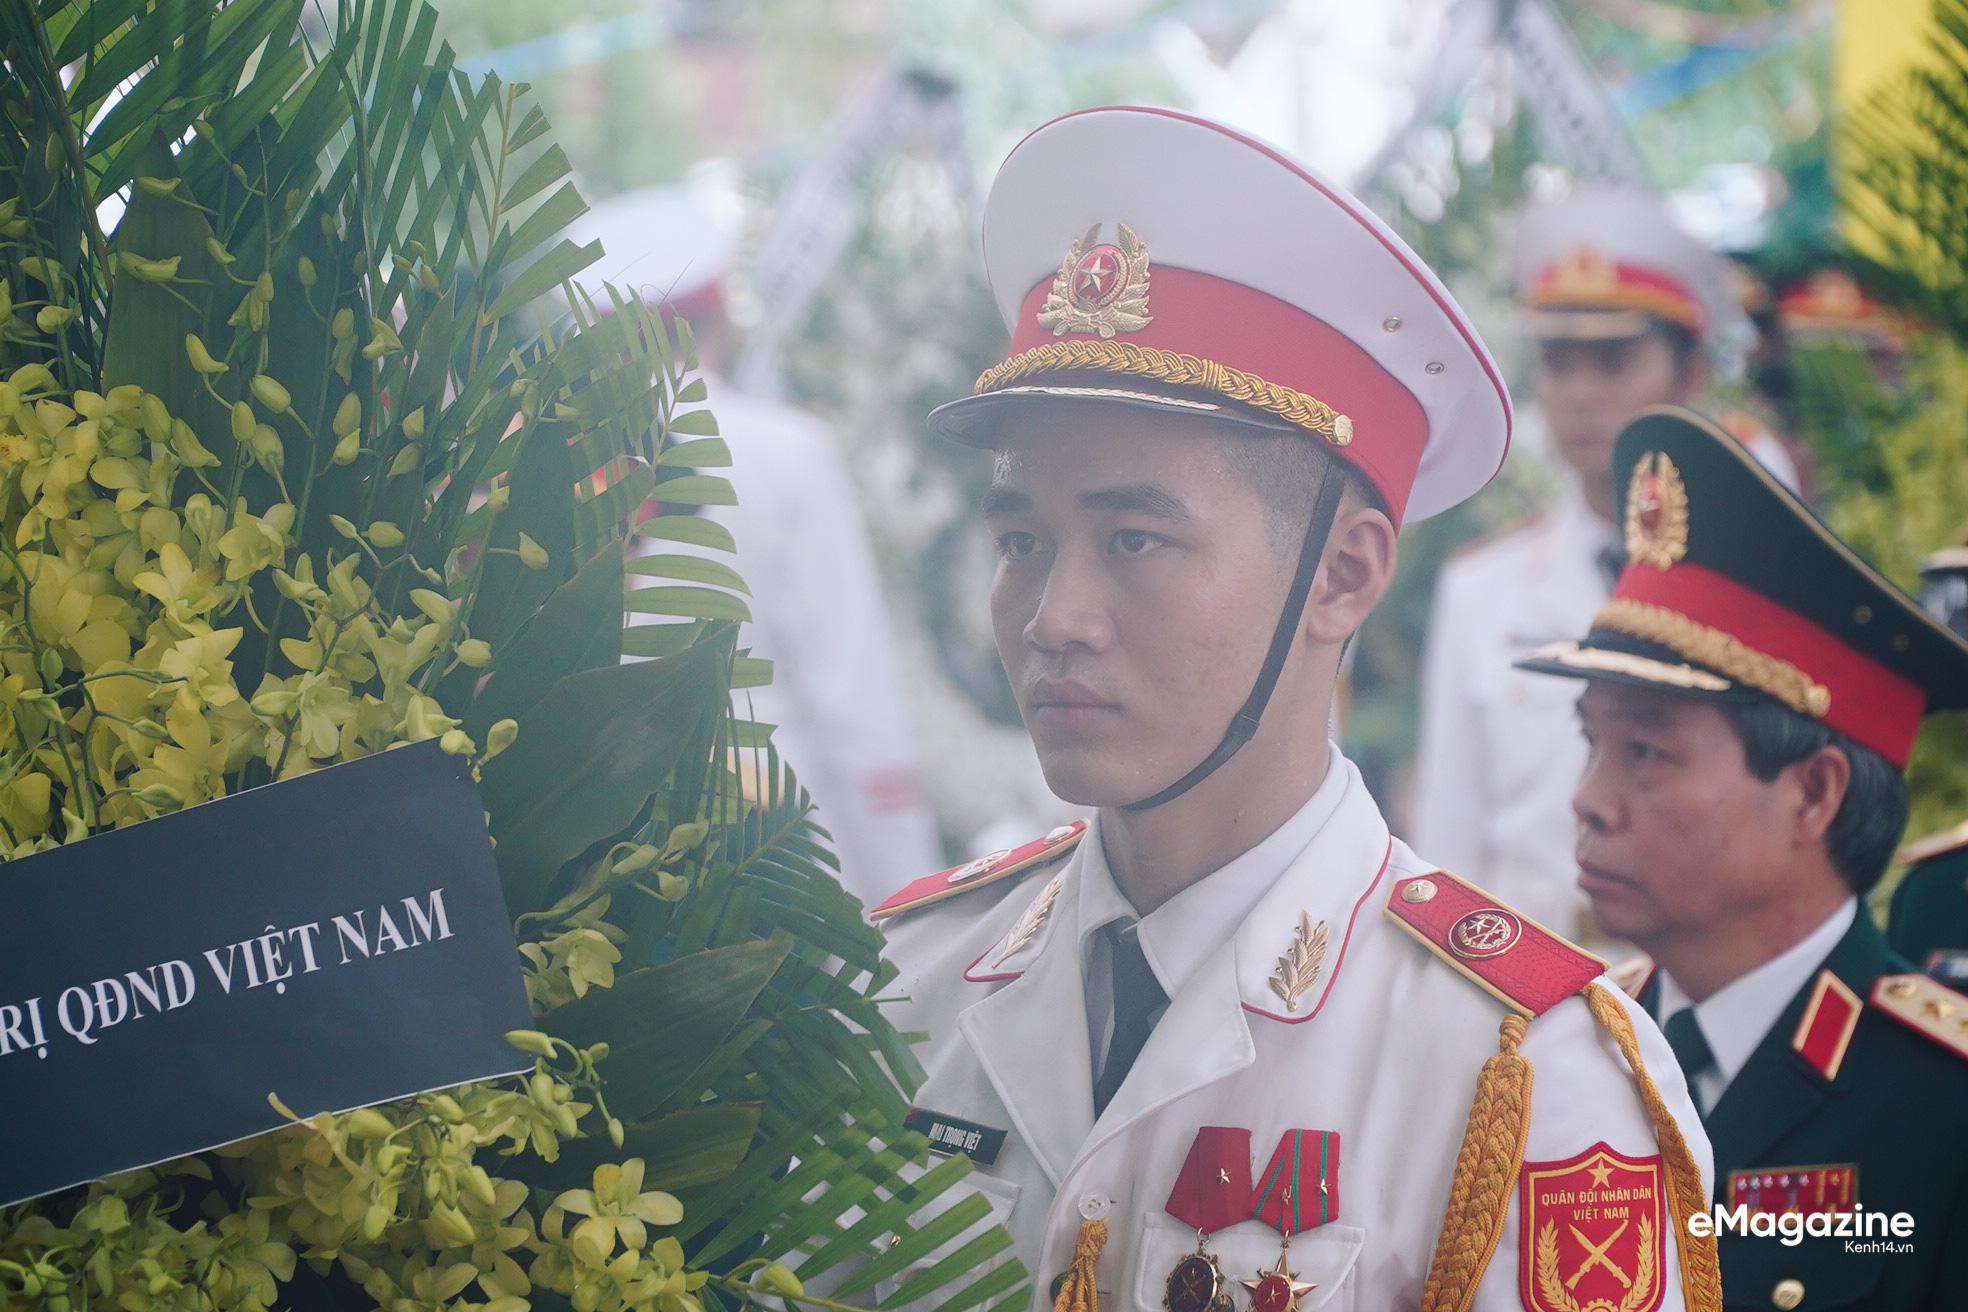 Giông bão nào cũng sẽ vượt qua, vì người Việt ta luôn sống với nhau bằng cái nghĩa đồng bào! - Ảnh 10.